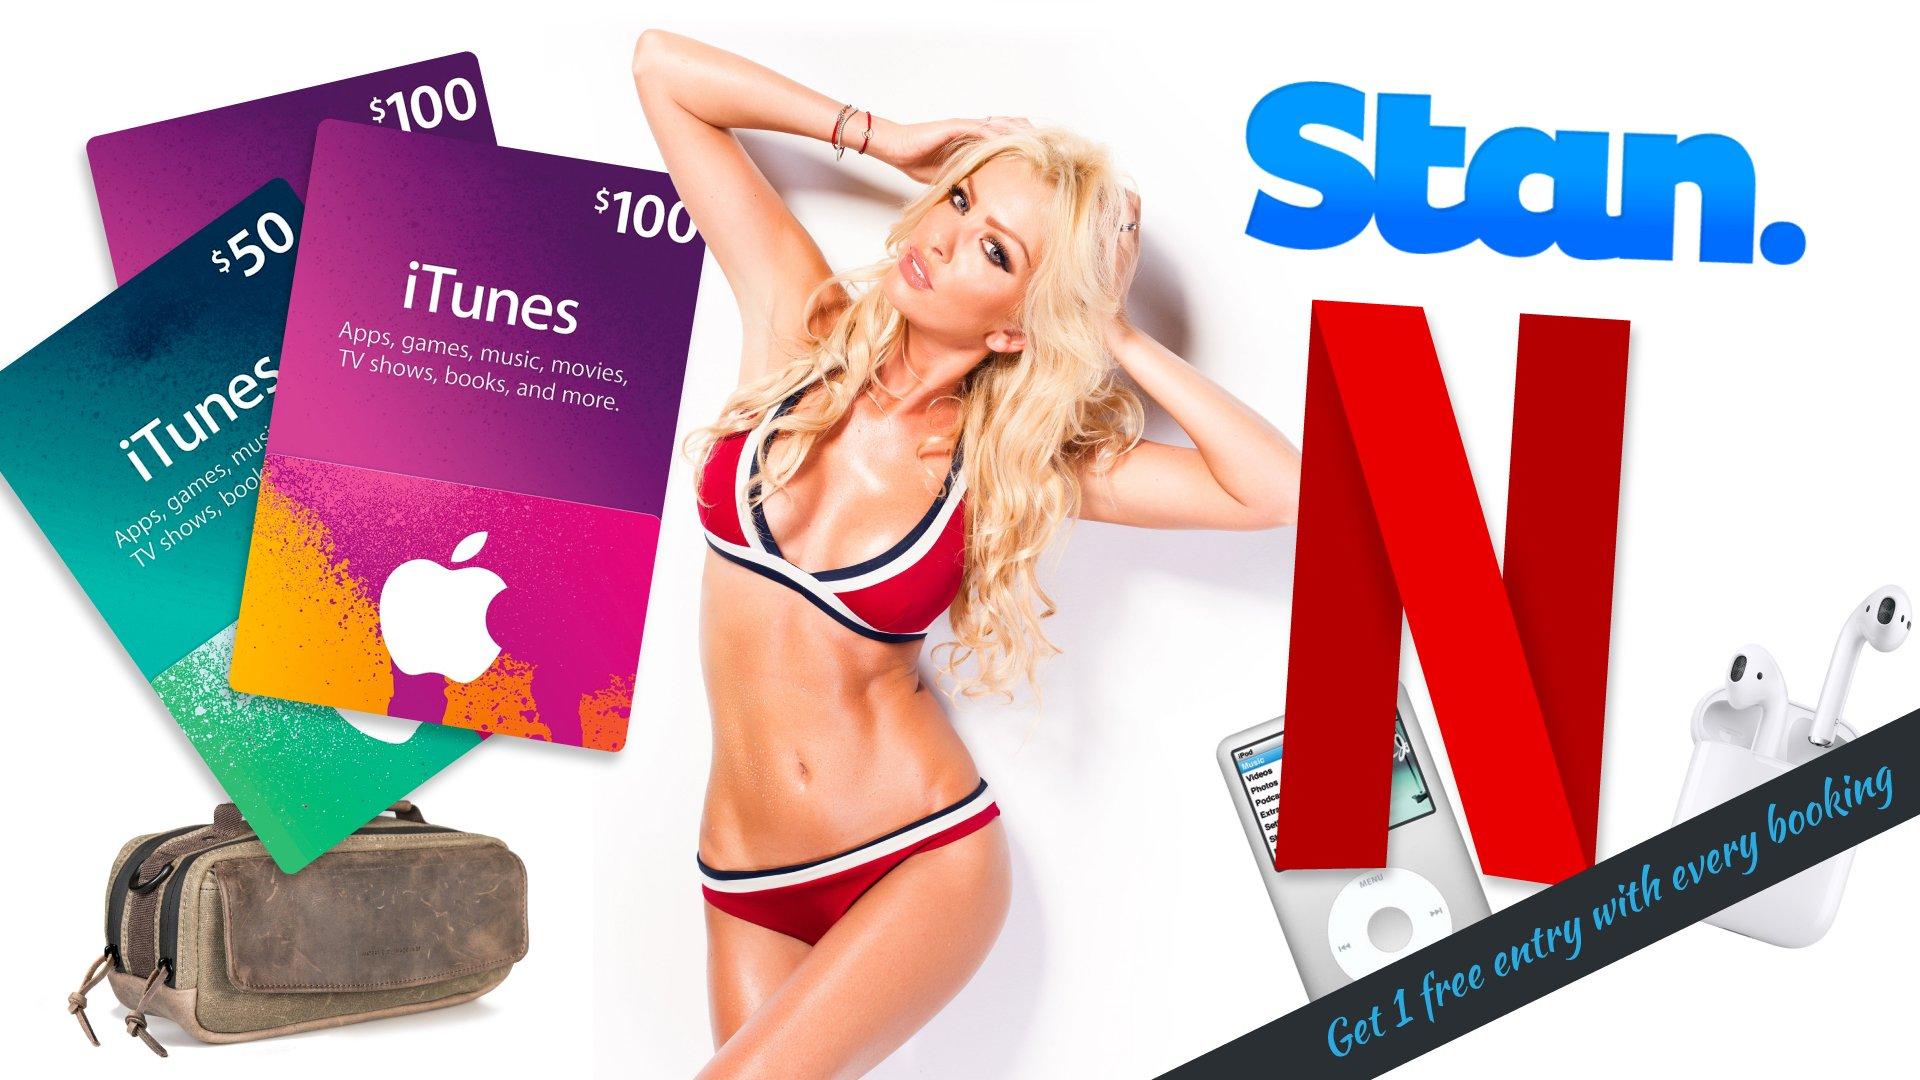 Win a $250 iTunes Voucher & 30 min booking